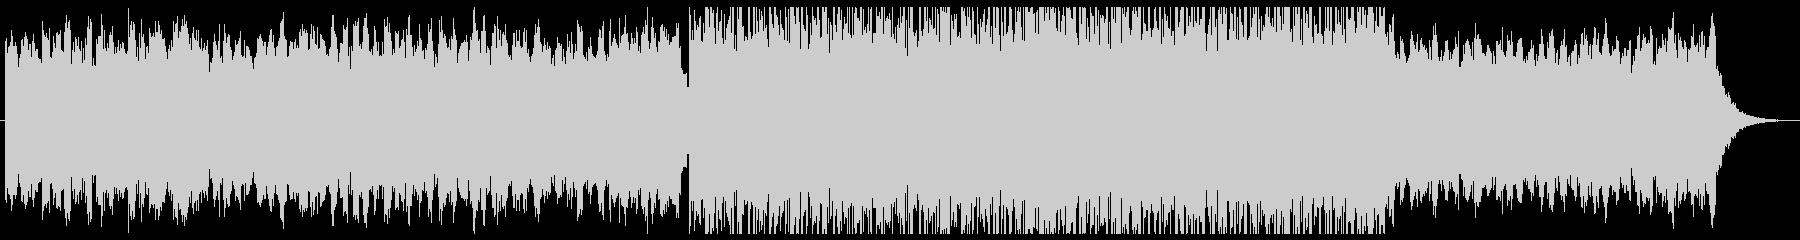 壮大でオリエンタルなシネマティック曲・Hの未再生の波形